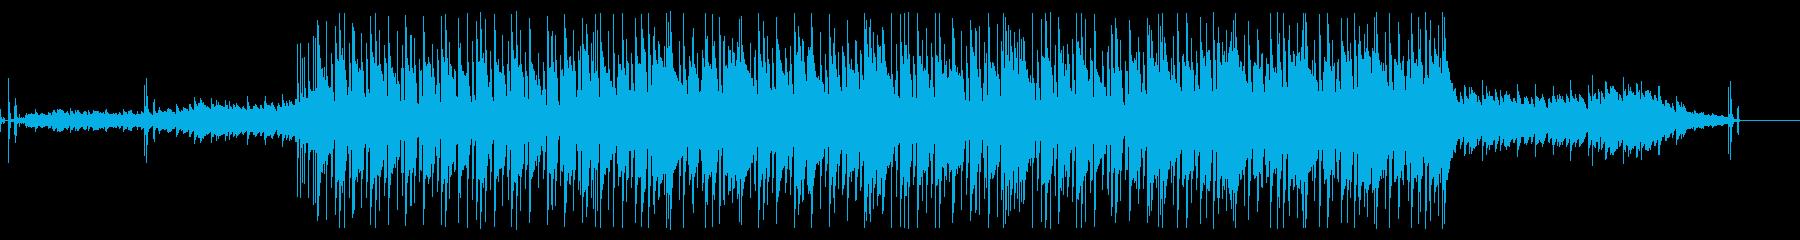 ほのぼのした春らしいBGMの再生済みの波形